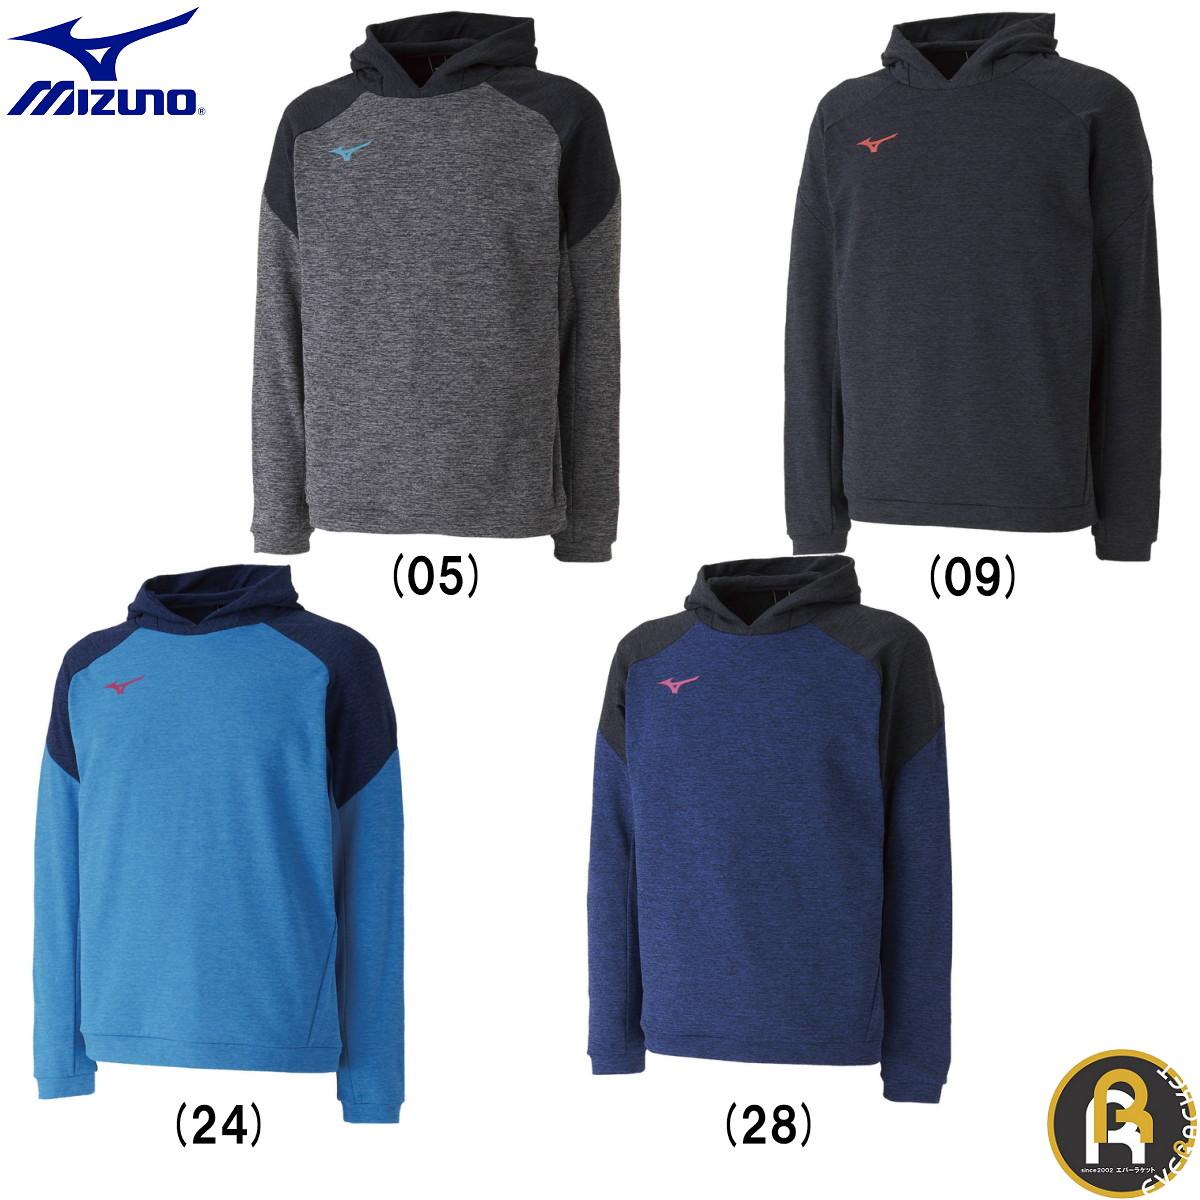 ミズノ MIZUNO ウエア スウェットシャツ 62JC9505 バドミントン ソフトテニス